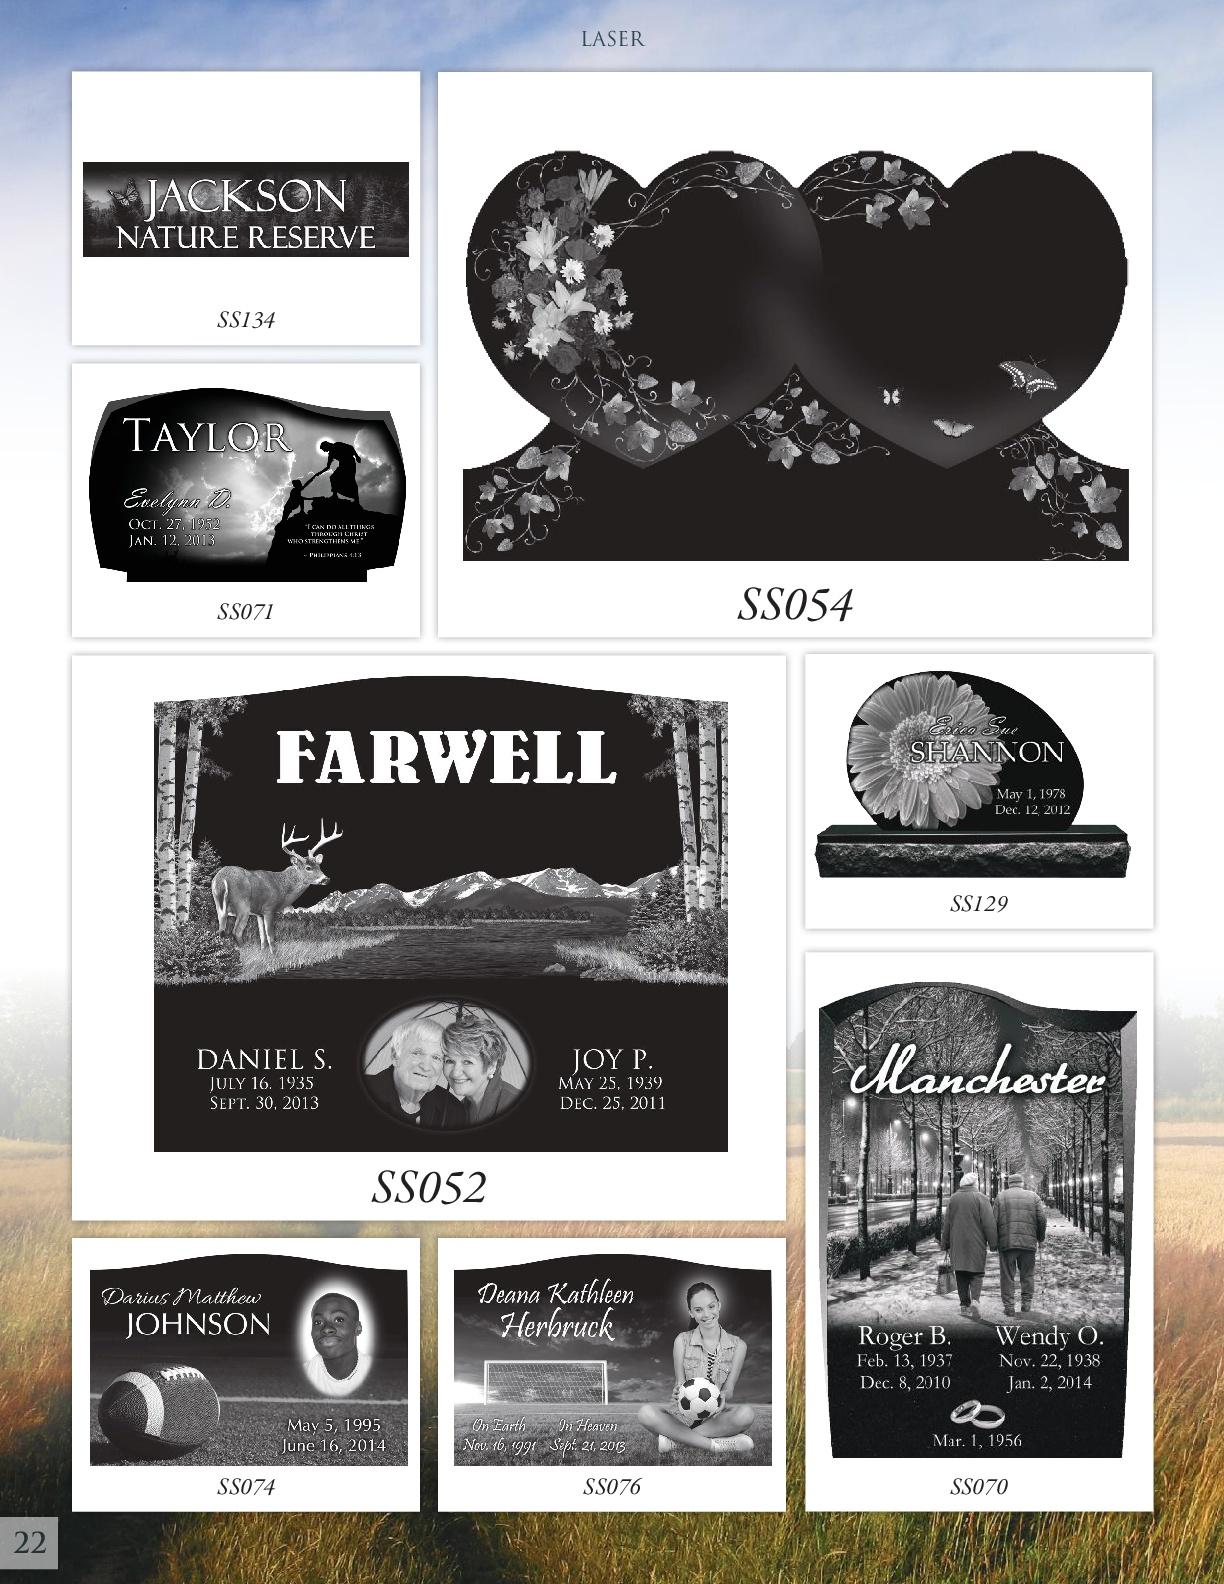 laser-etching-catalog-ilovepdf-compressed-1-33-022.jpg